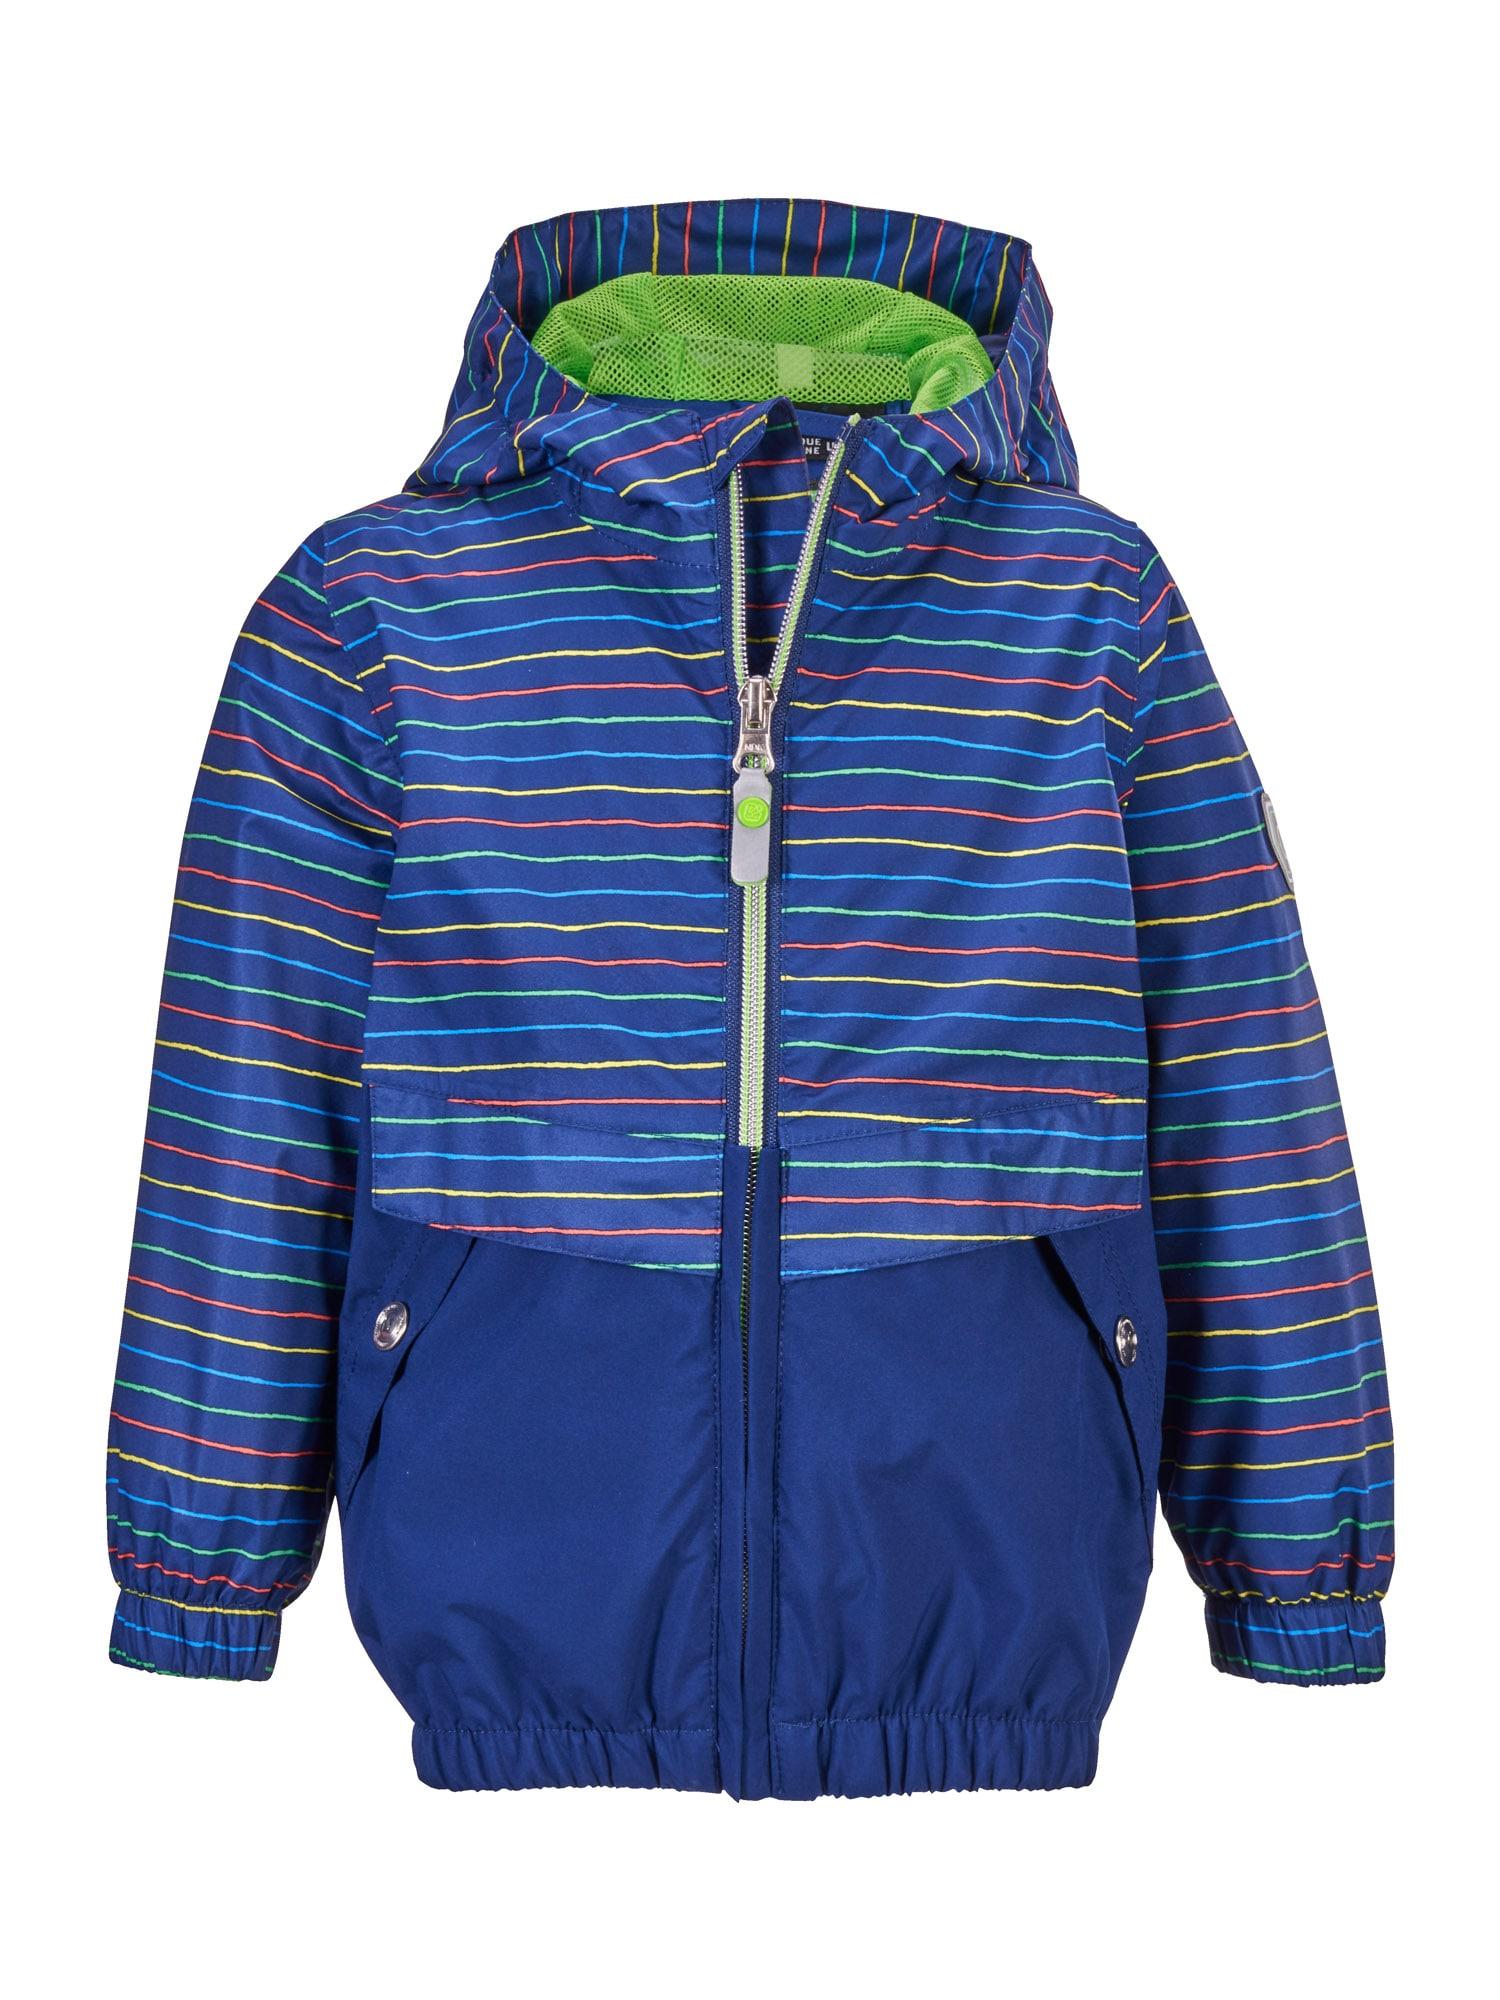 KILLTEC Laisvalaikio striukė mėlyna / šviesiai mėlyna / tamsiai oranžinė / geltona / šviesiai žalia